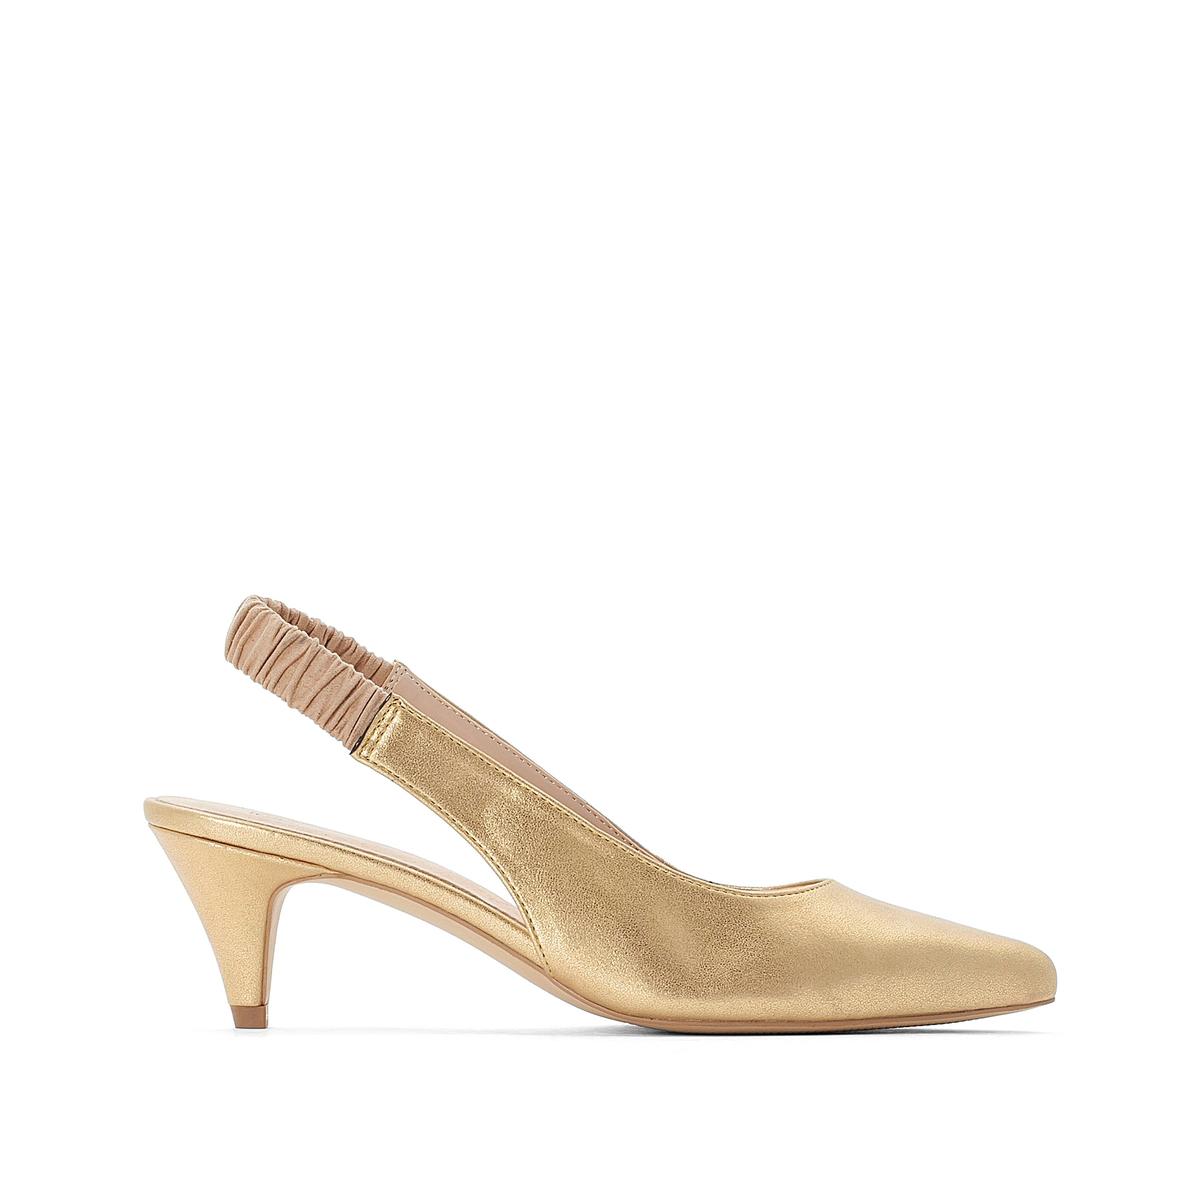 Туфли La Redoute С заостренным мыском и открытым задником 37 золотистый туфли la redoute кожаные с открытым мыском и деталями золотистого цвета 41 черный